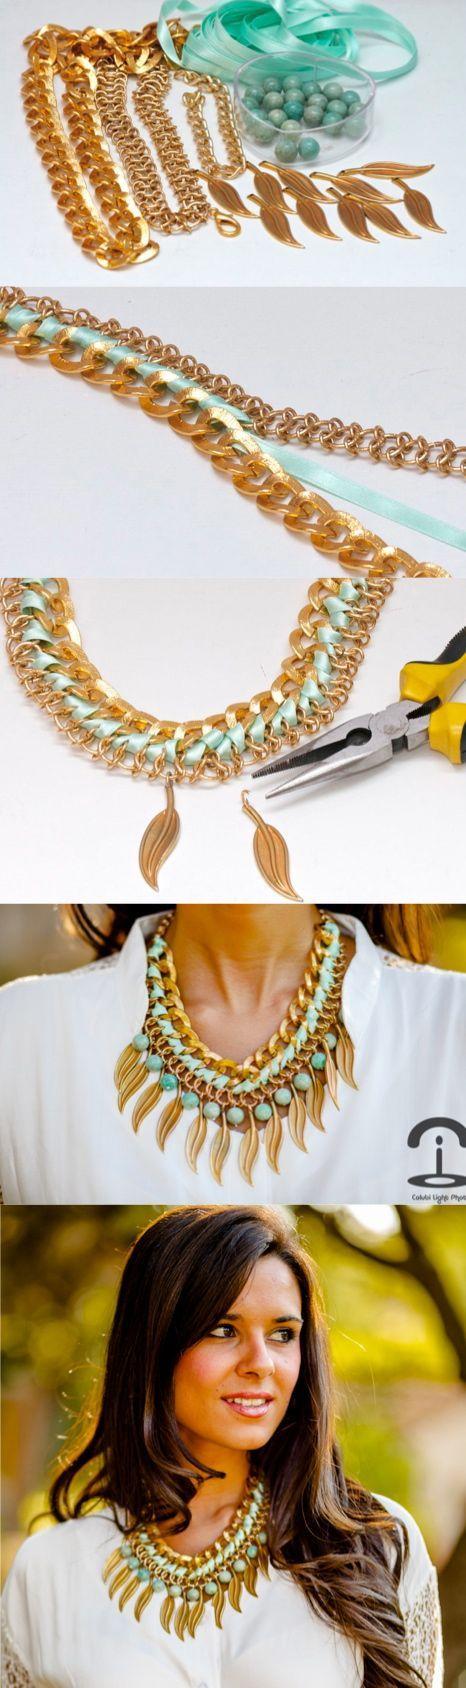 DIY: Leaf necklace